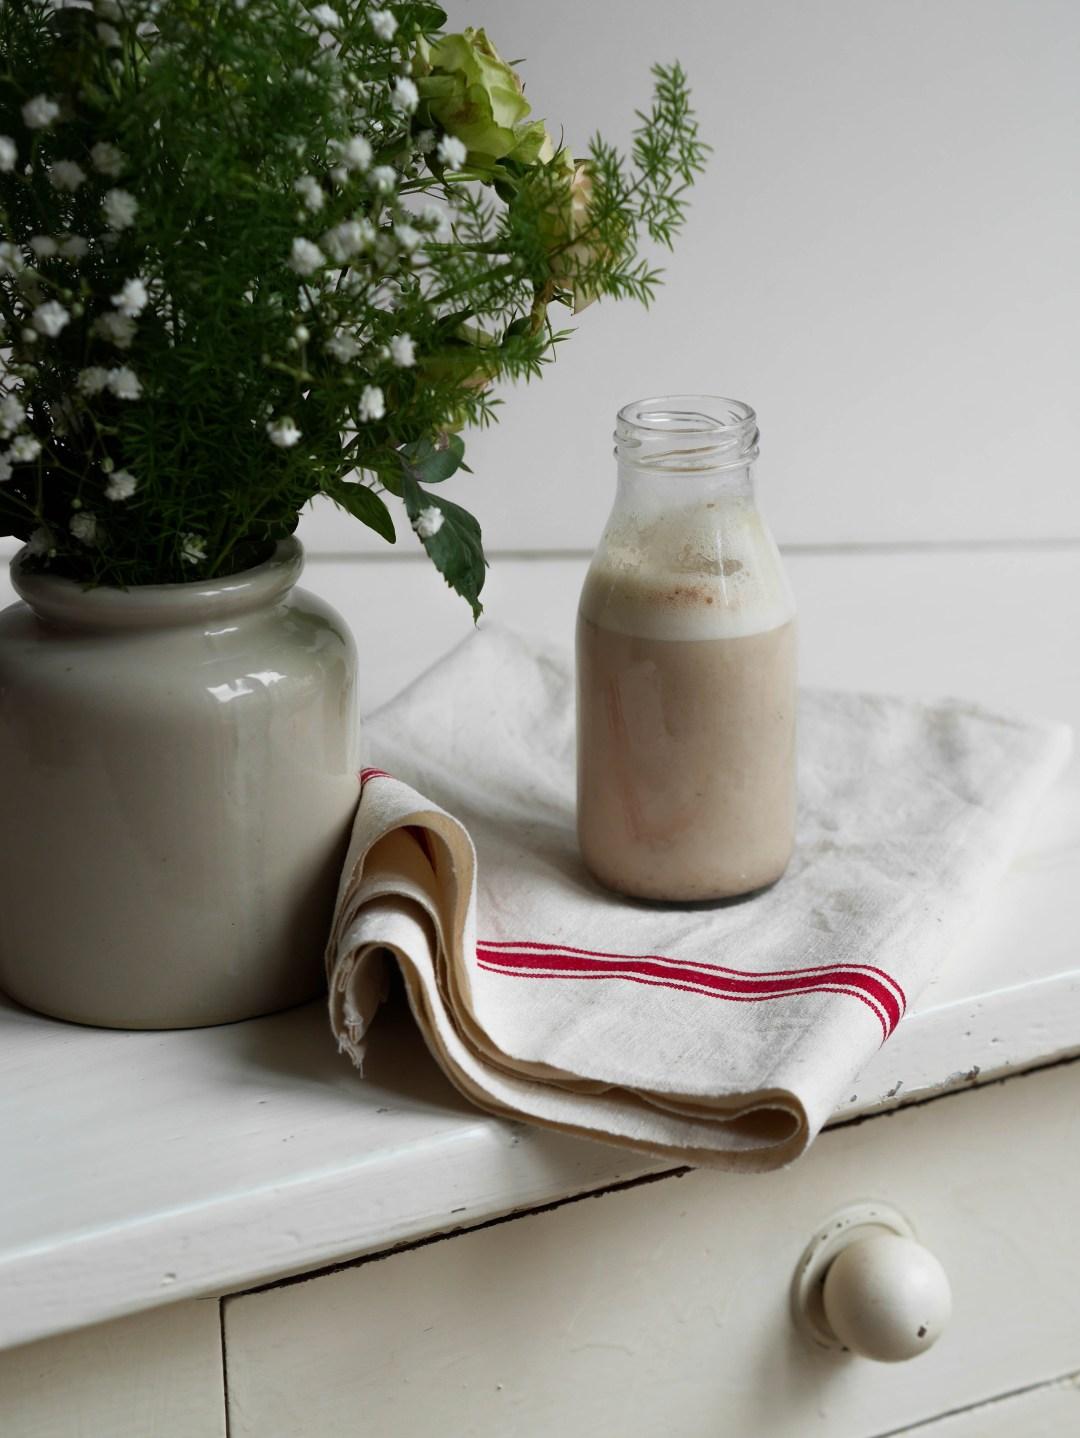 woodmoodfood-blog-culinaire-recette-simple-facile-gourmande-boisson végétale-noix-cajou-dattes-medjool-provalem-1